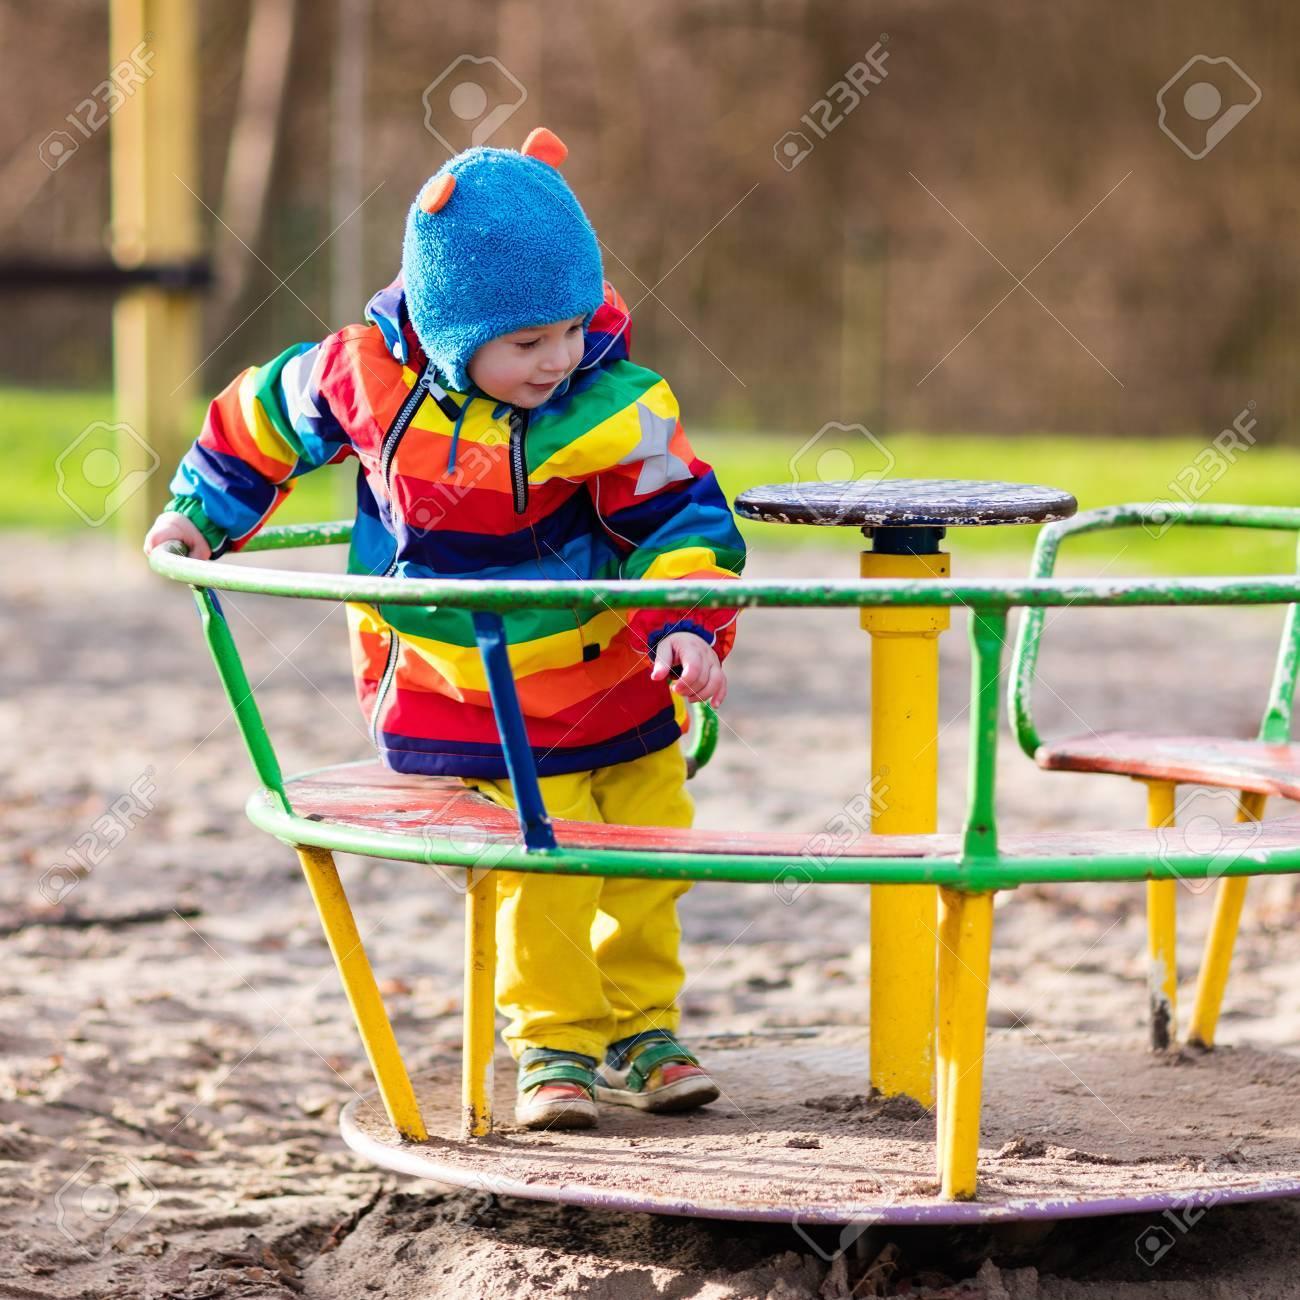 Petit Garçon Sur Un Terrain De Jeu. Enfant Jouant À L'extérieur À  L'automne. Les Enfants Jouent Sur La Cour De L'école. Enfant Heureux À La  Maternelle pour Les Jeux De Petit Garcon